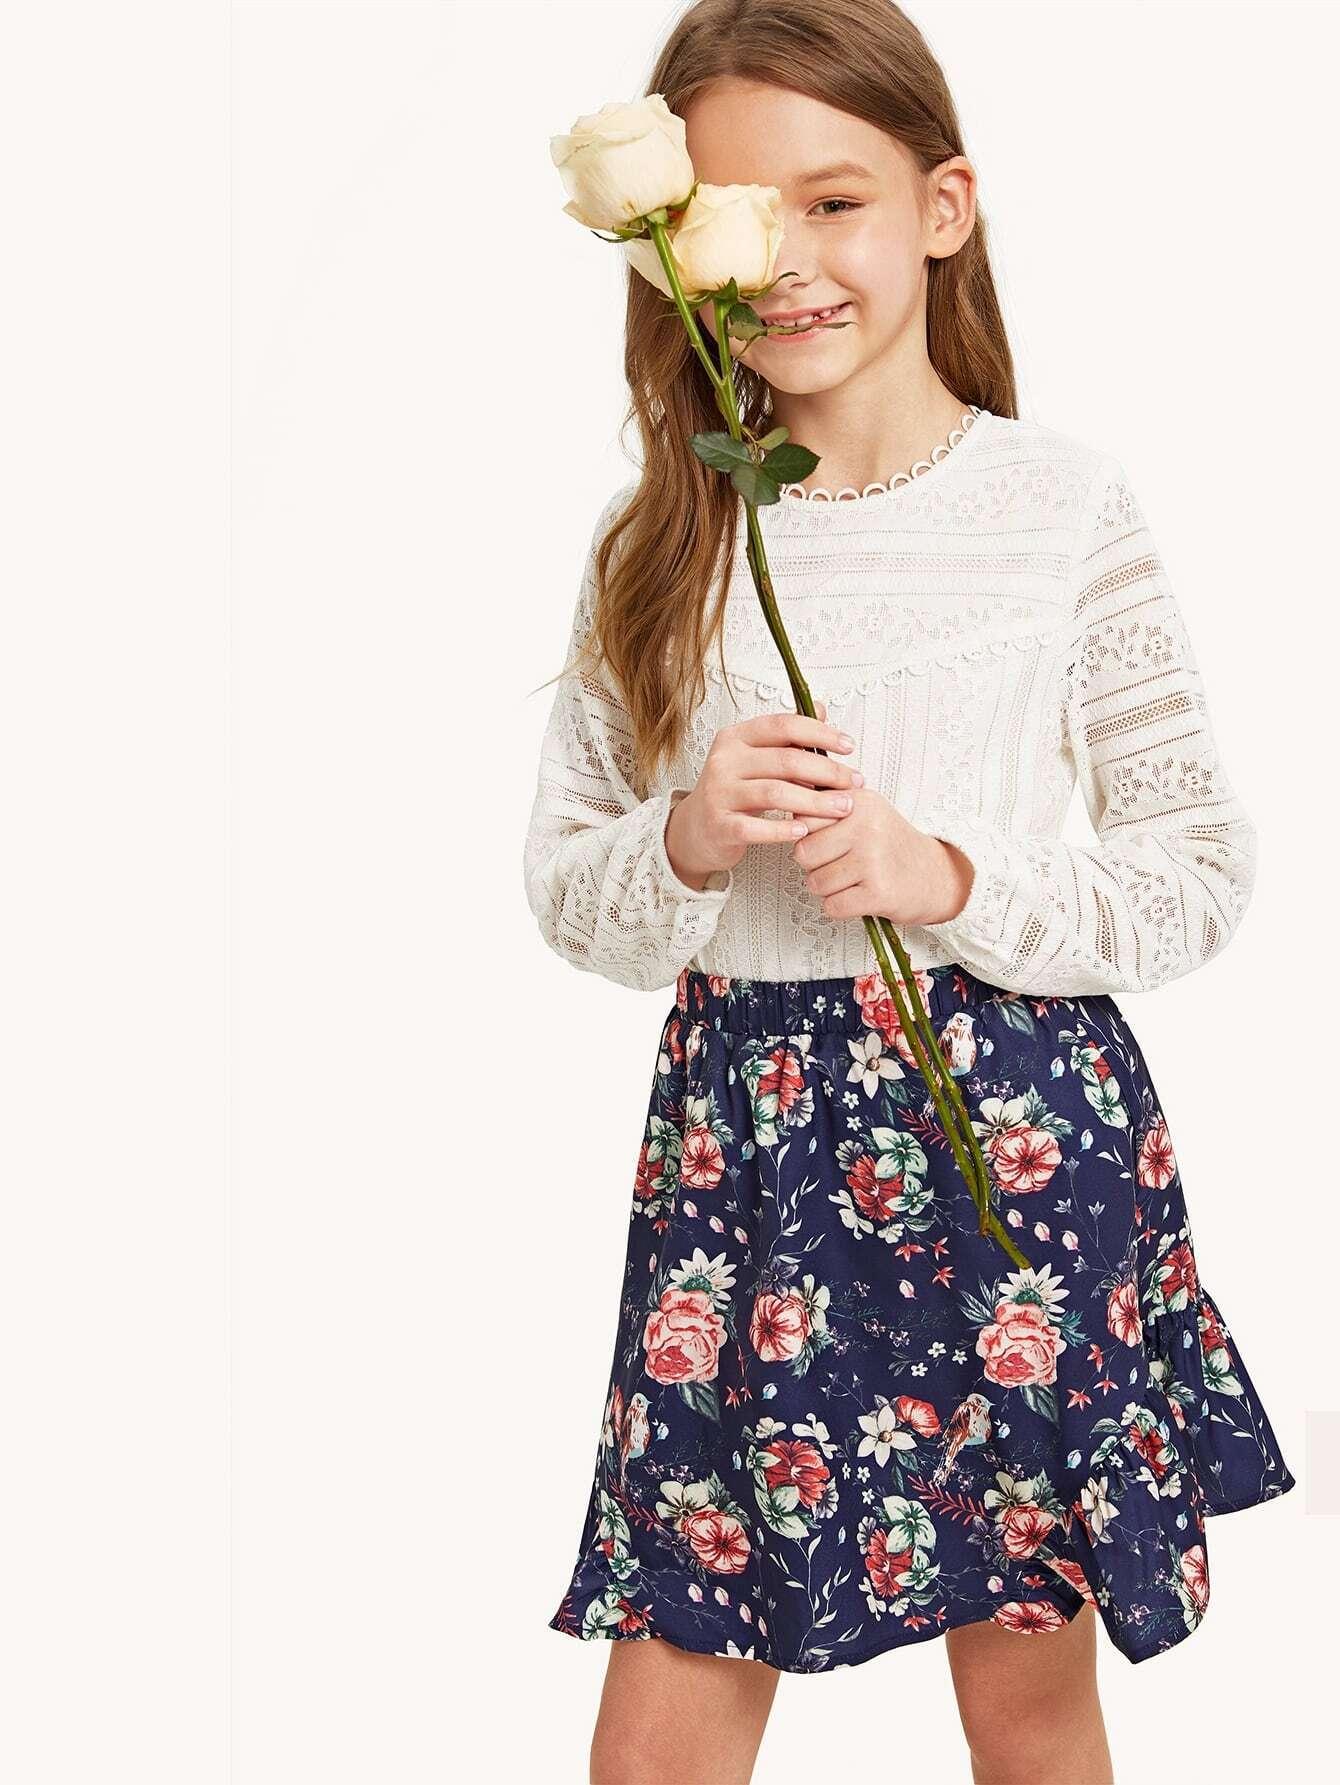 Купить Кружевной топ и цветочная юбка с многослойными оборками, Anna C, SheIn